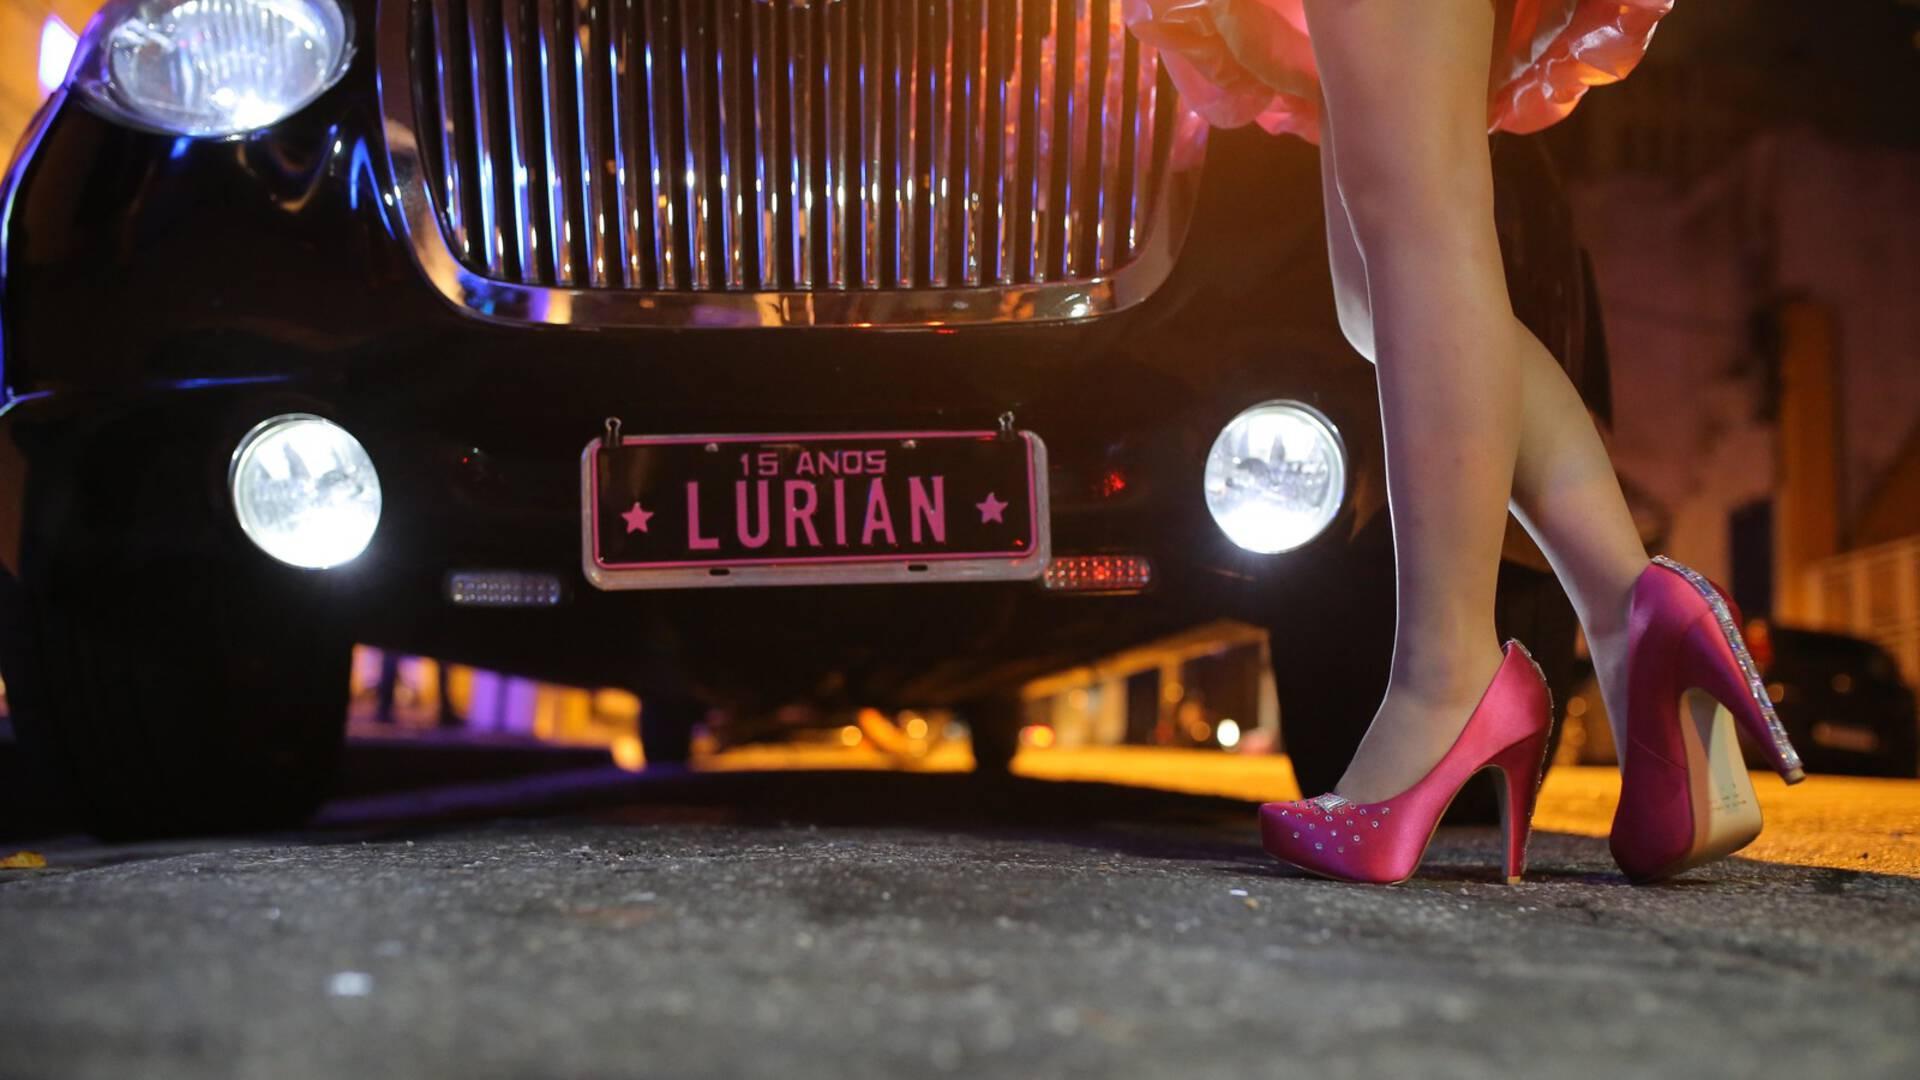 Fotografia | Photografy de Lurian 15 anos